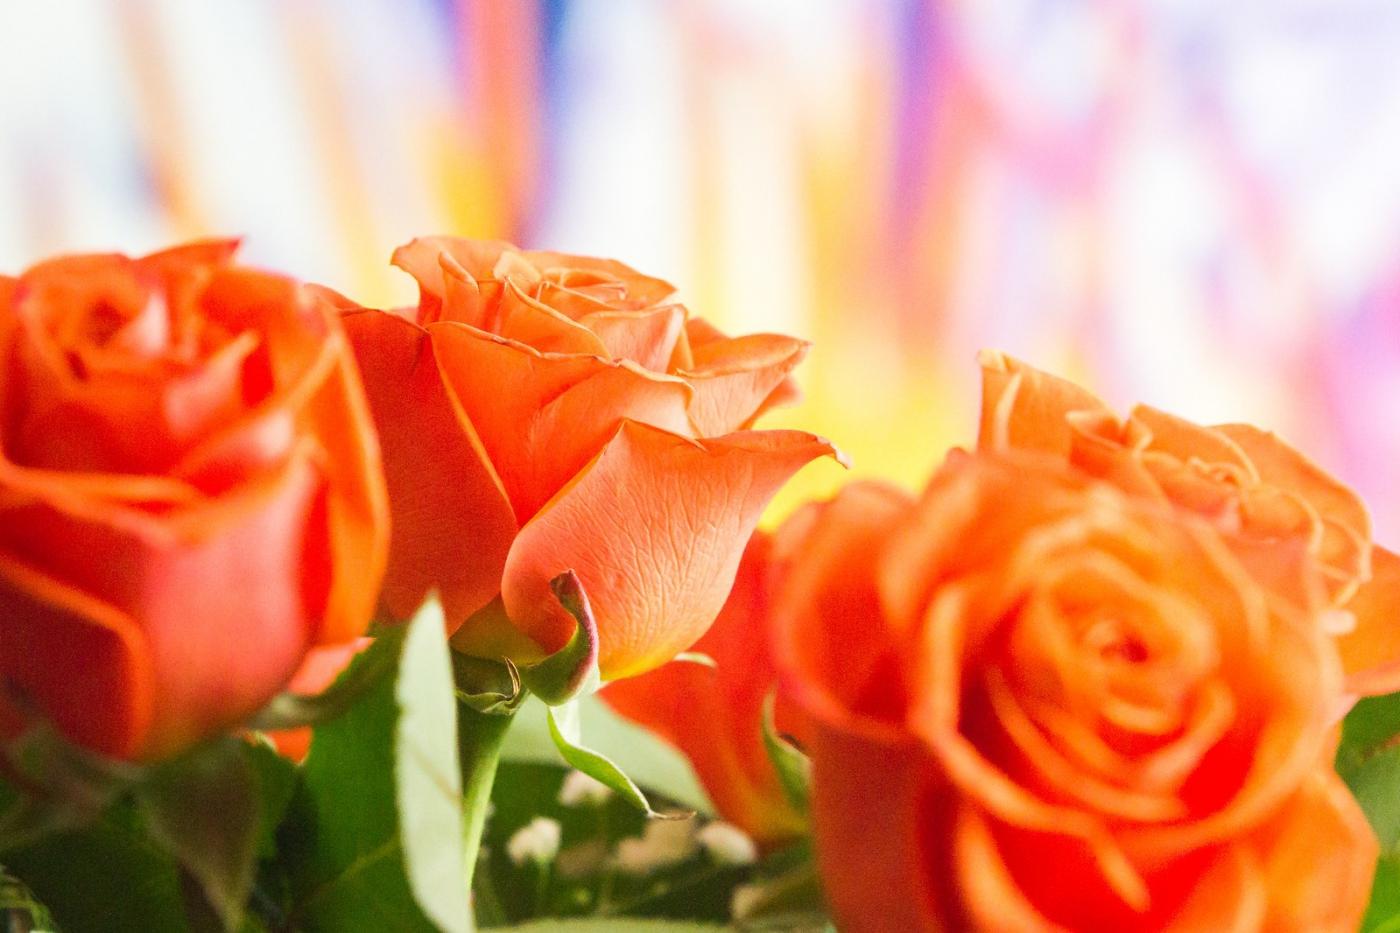 情人节你送花了吗?_图1-10